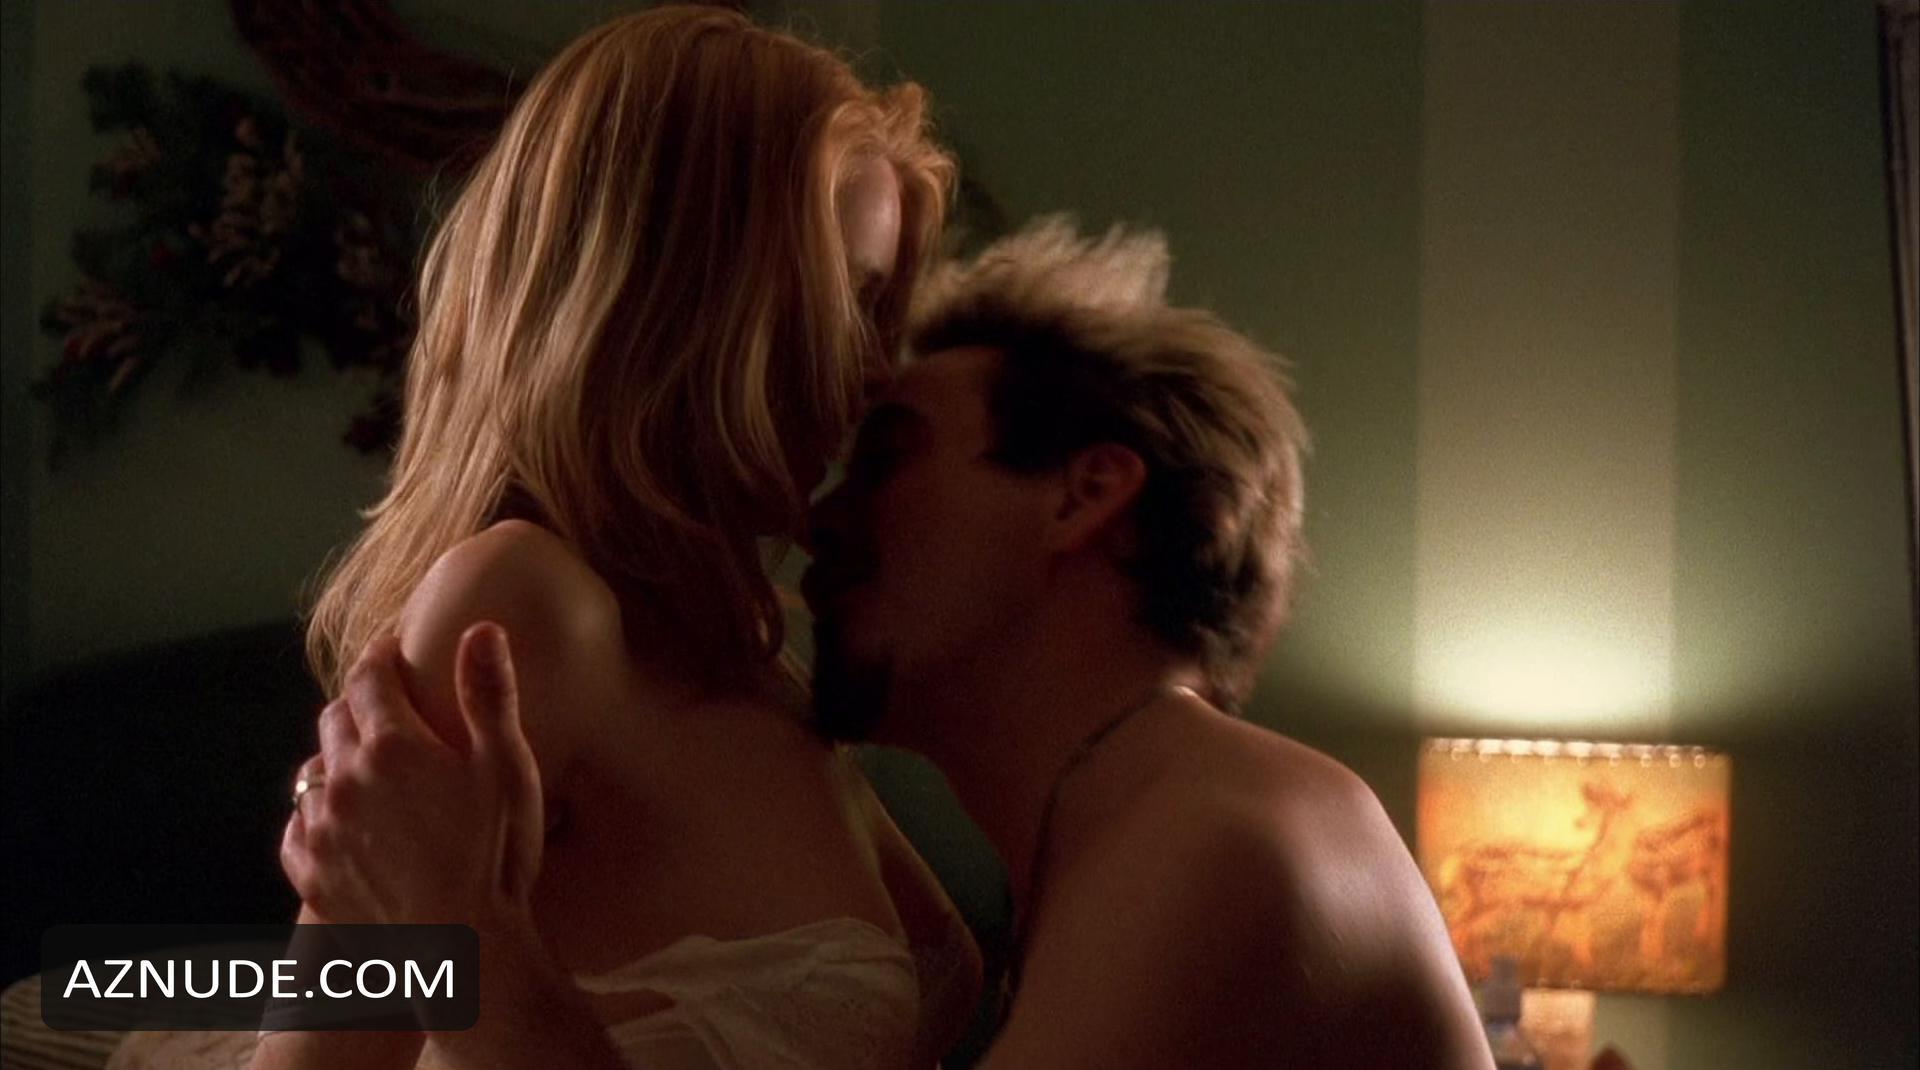 Claudia Schiffer Sex Tape friends & lovers nude scenes - aznude